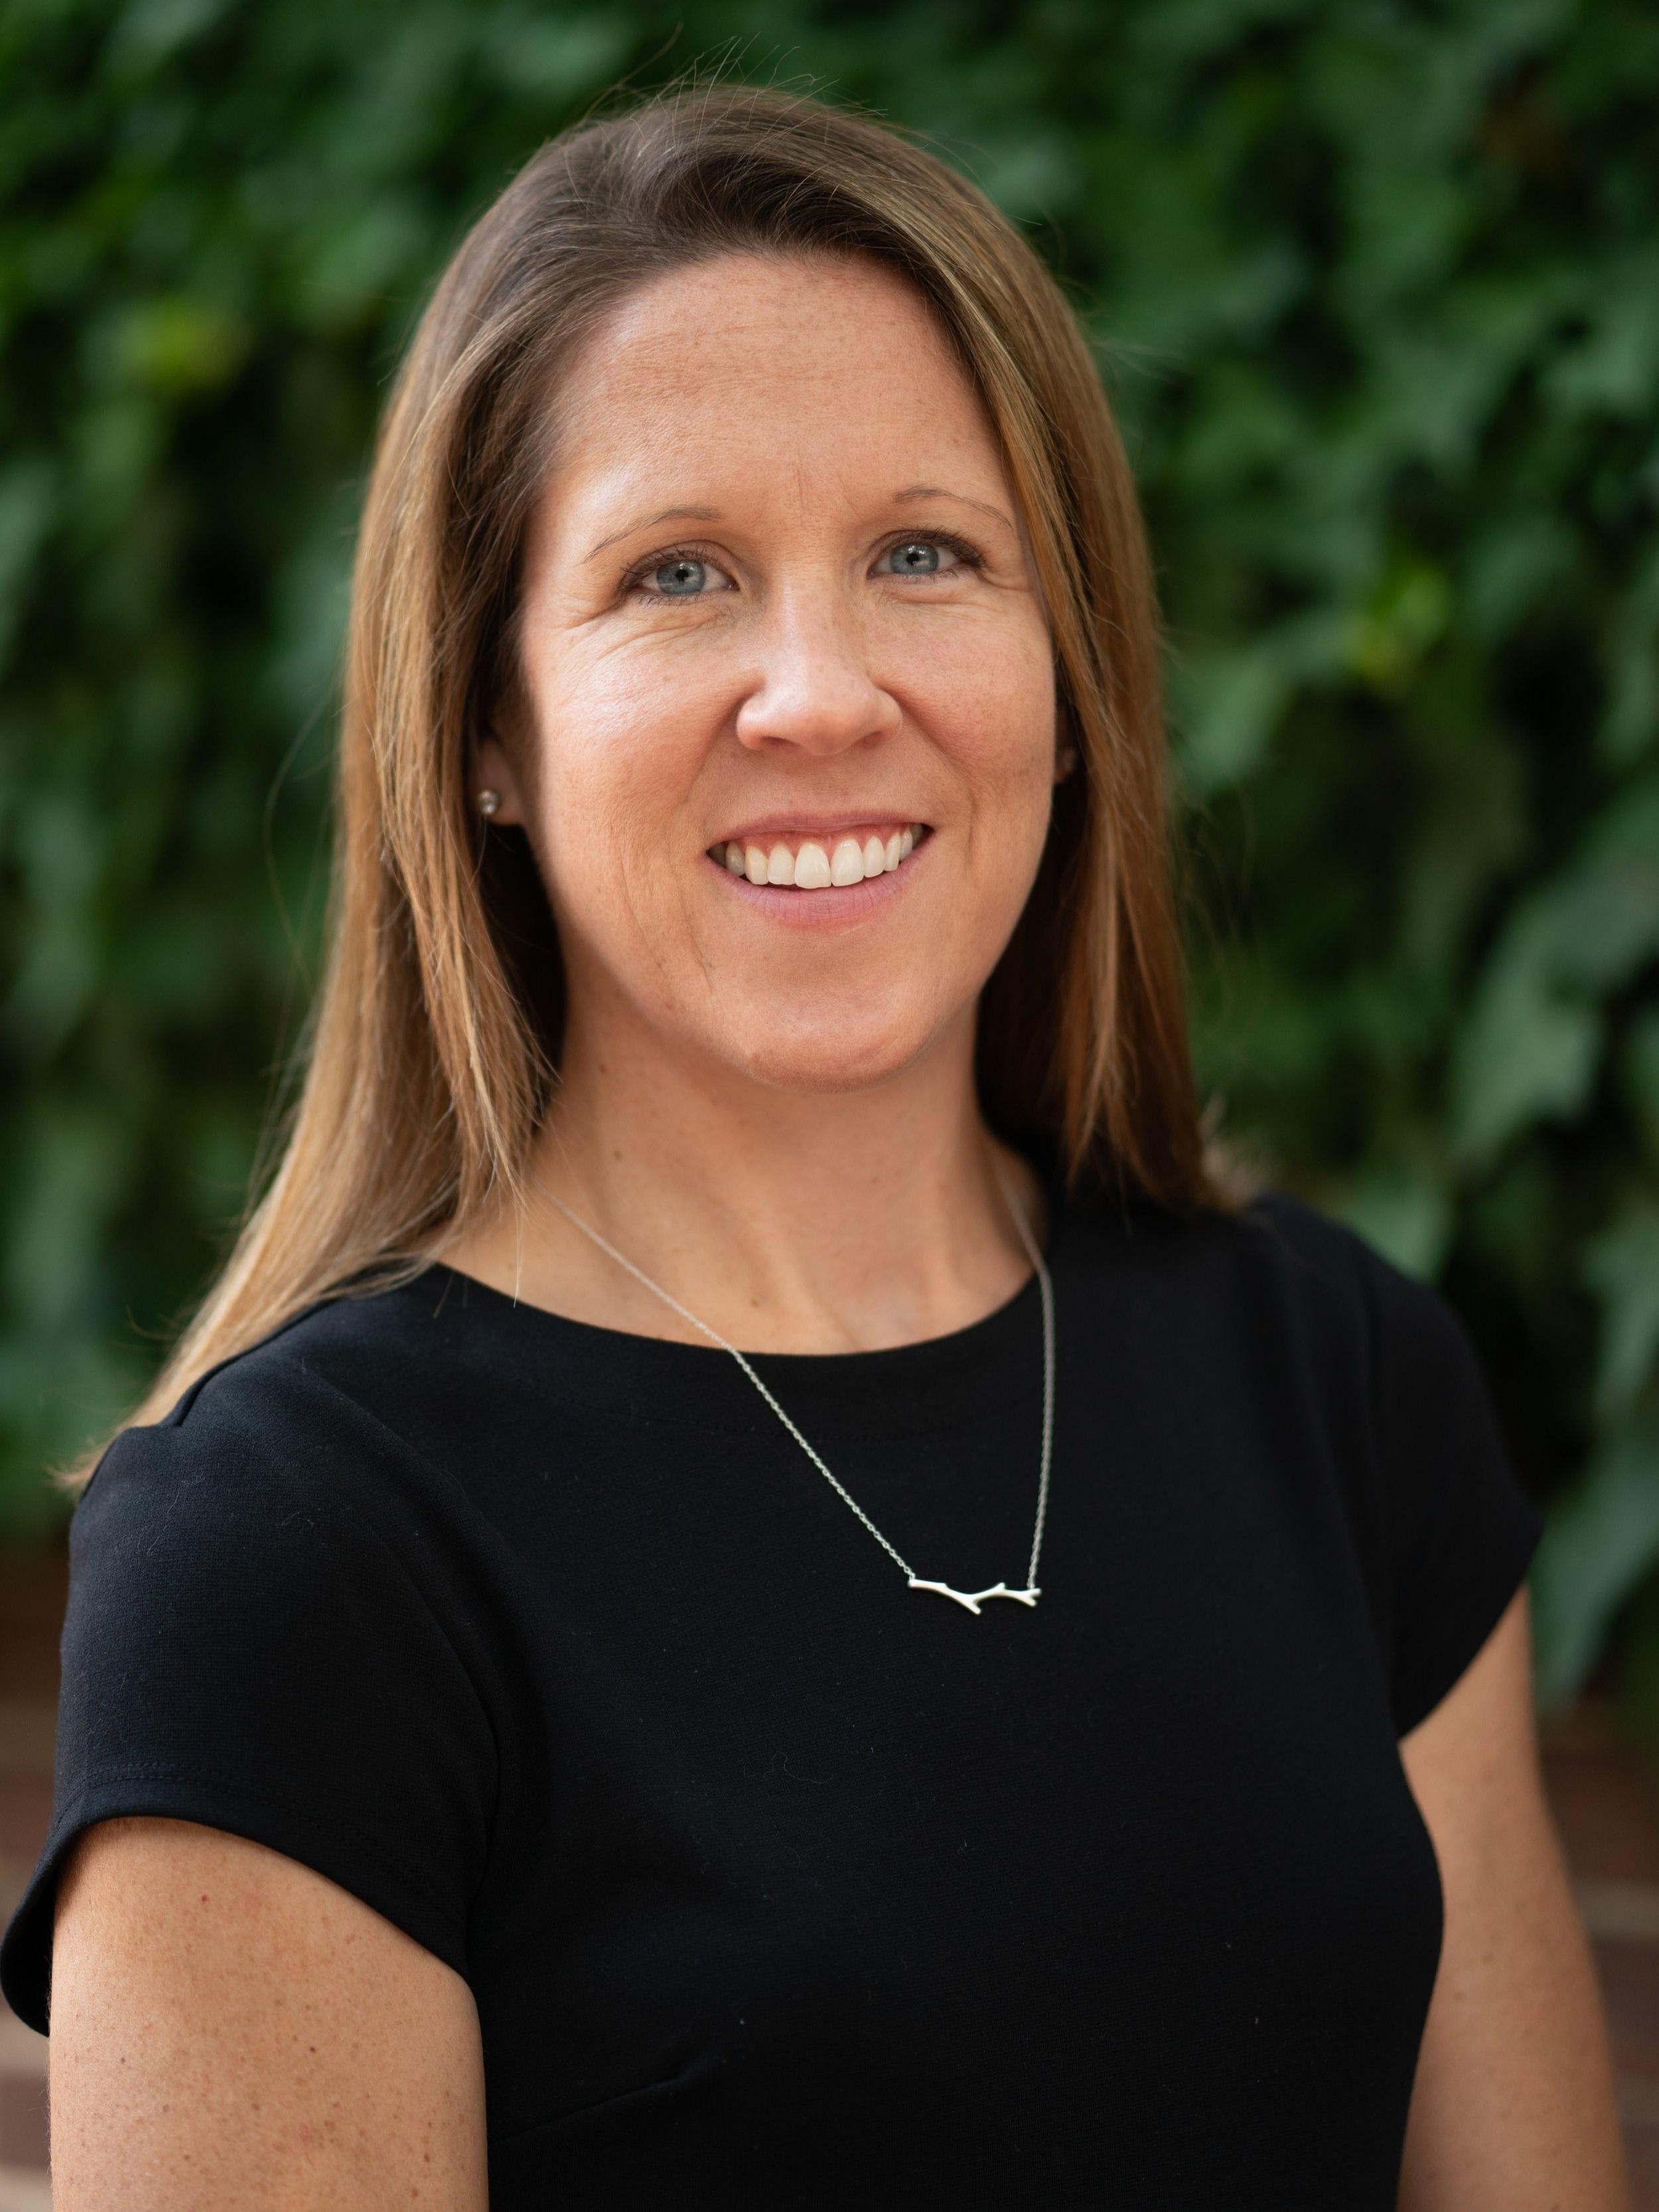 Rev. Dr. Camille Cook, Senior Pastor